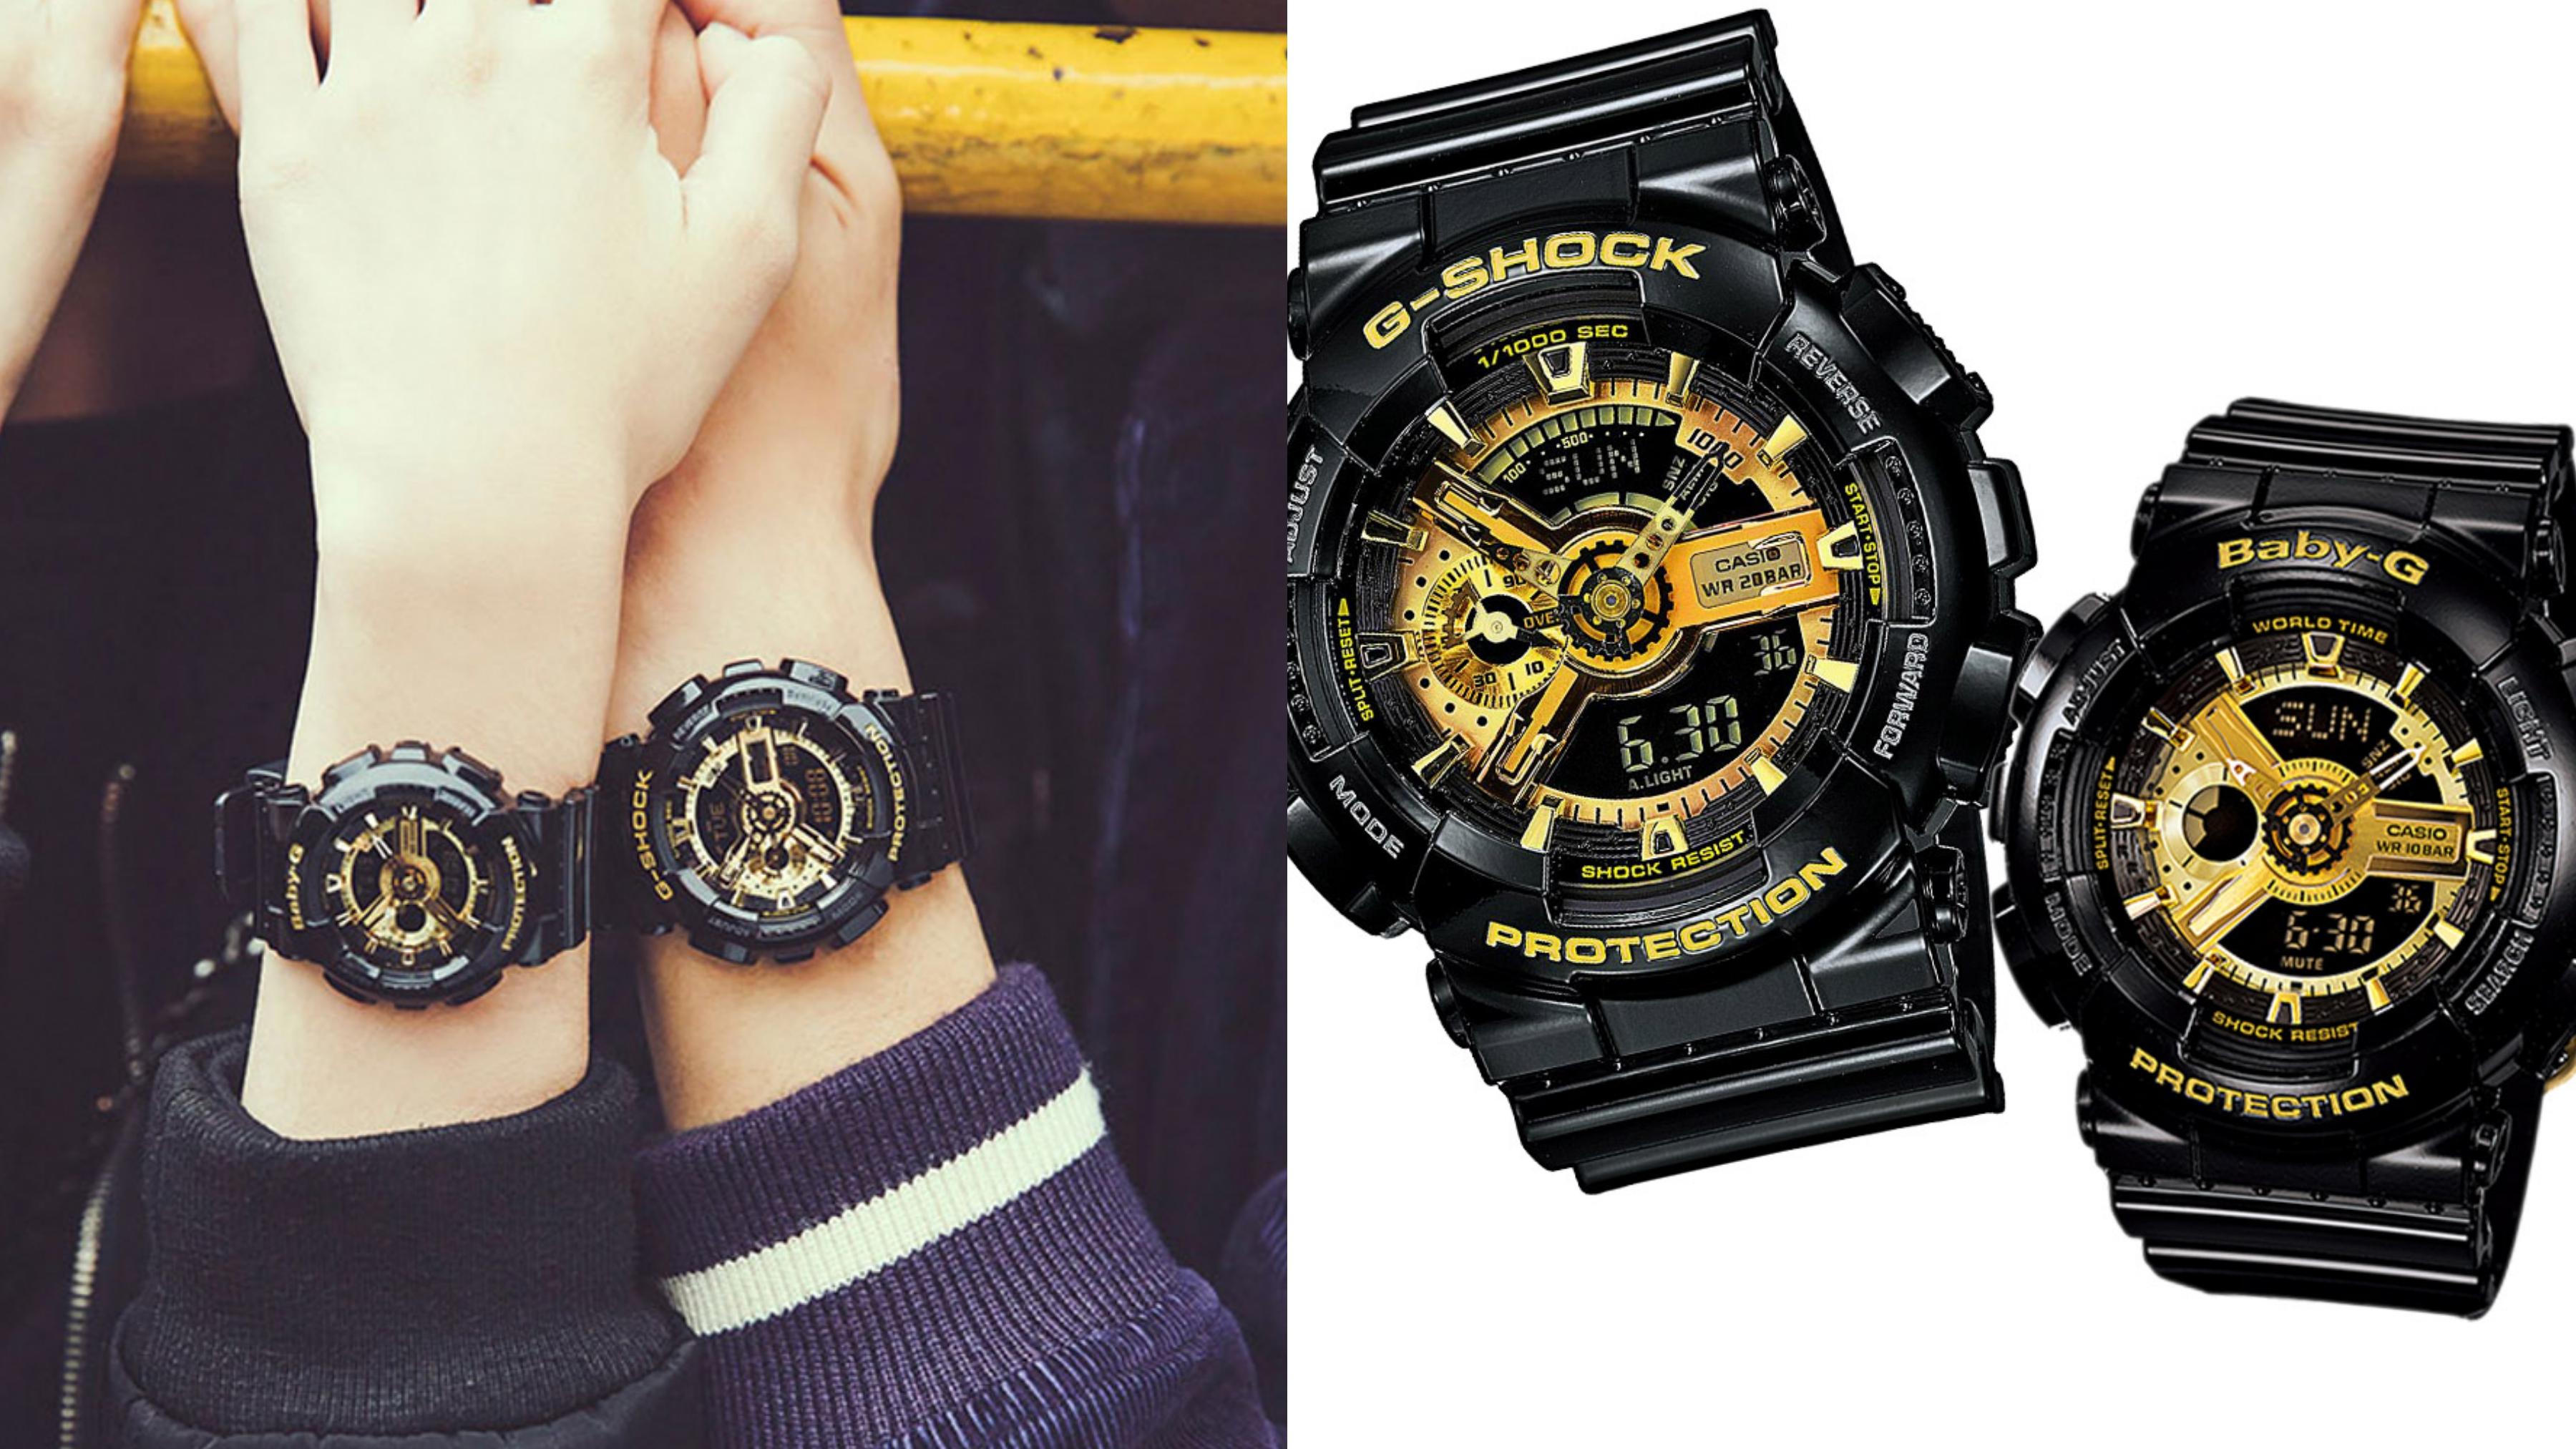 運動情人推薦。低調的黑色錶身搭配耀眼的金色錶盤